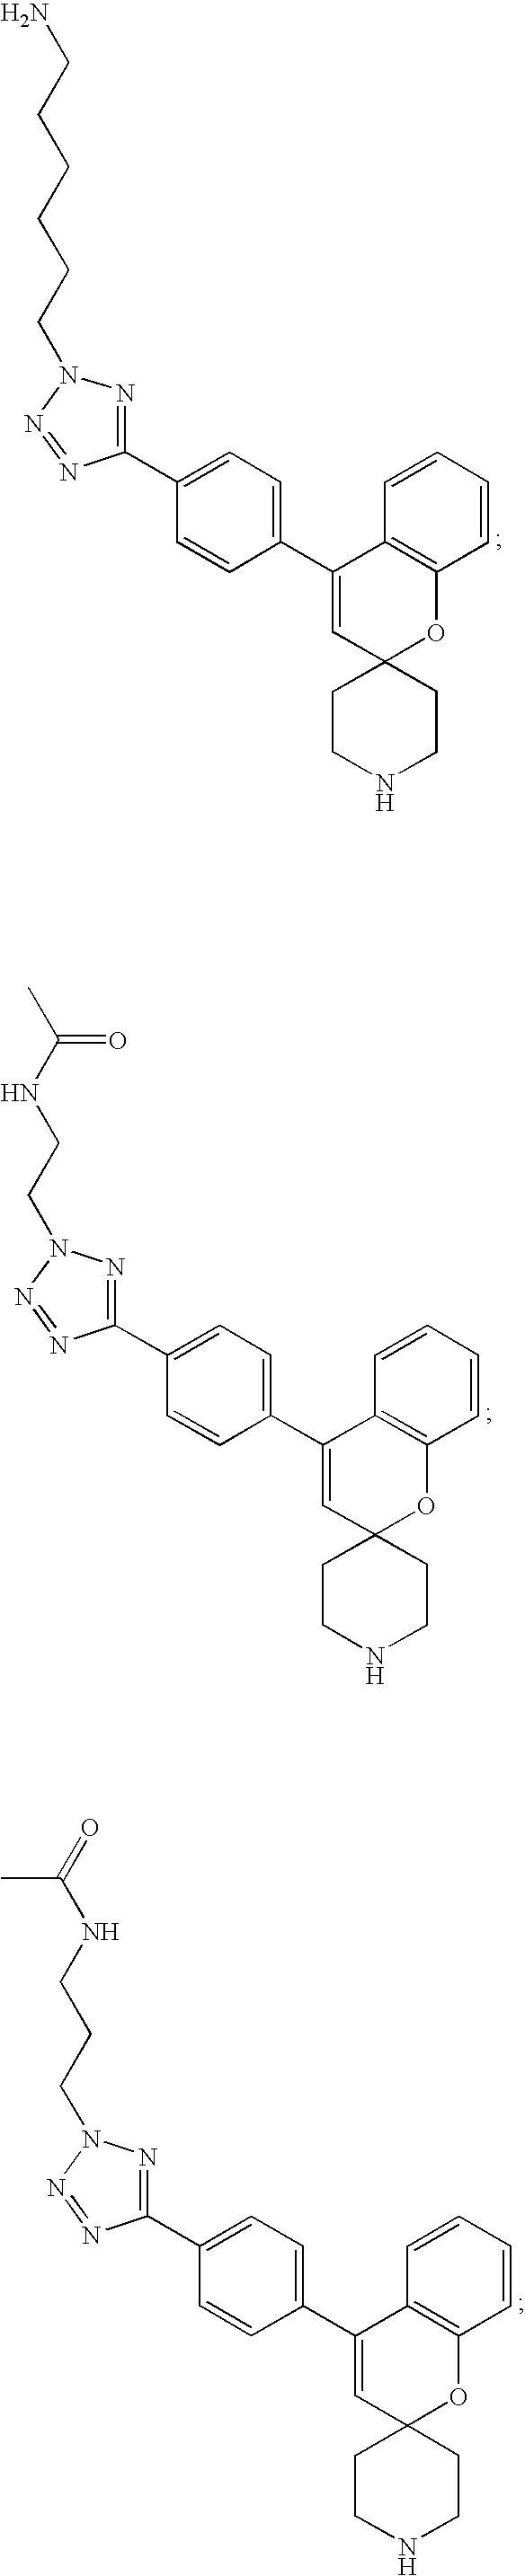 Figure US07598261-20091006-C00104